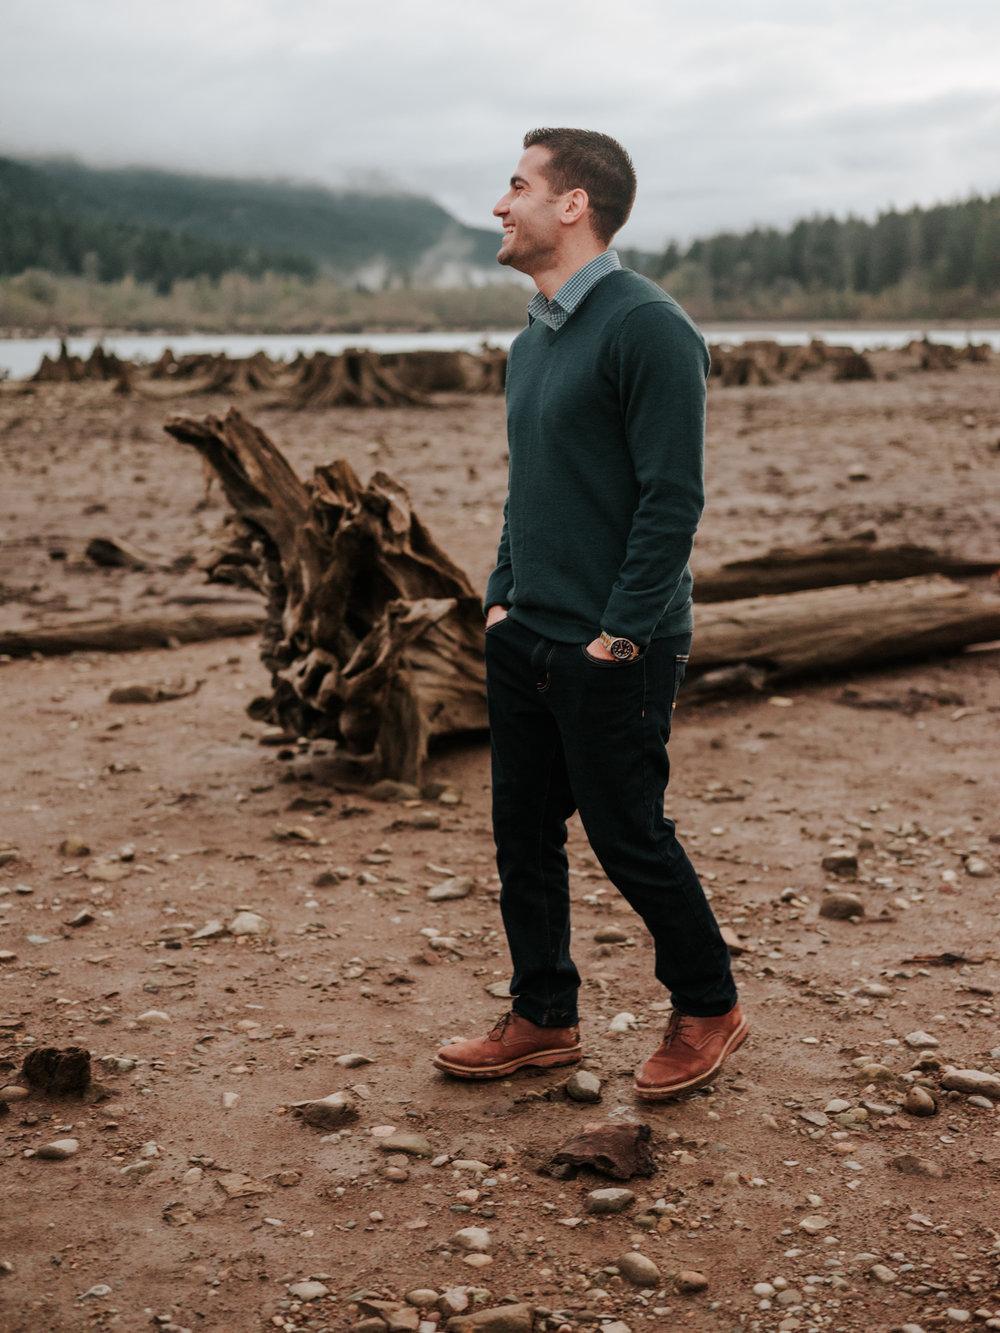 Seattle Engagement Photographer_Stolen Glimpses 66.jpg